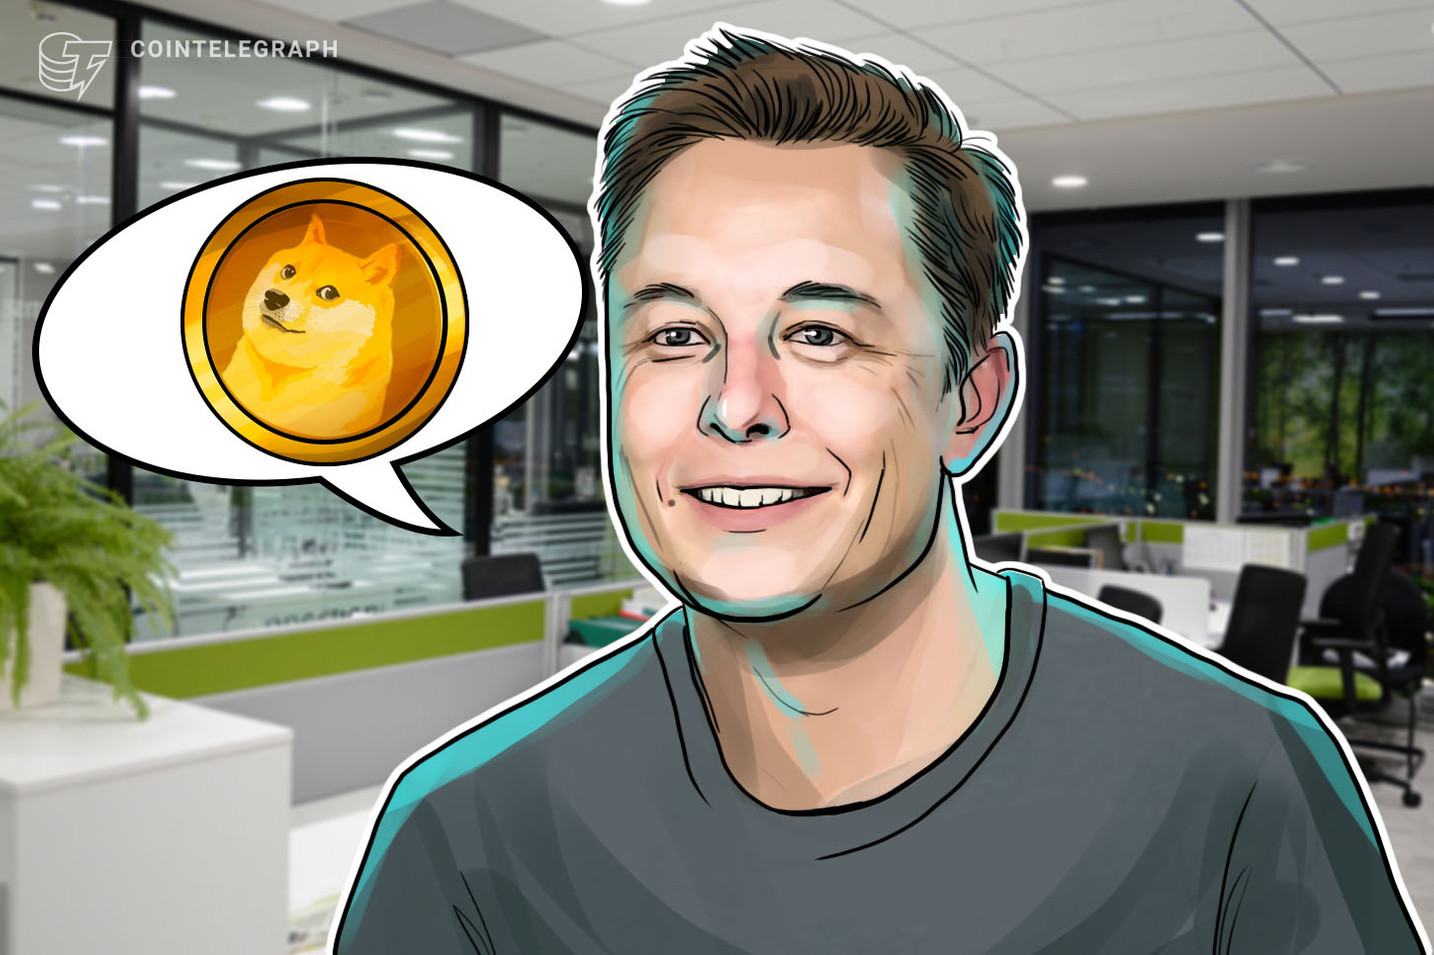 """""""Gern geschehen"""" – Neue Tweets von Elon Musk schicken DOGE auf den """"Mond"""""""